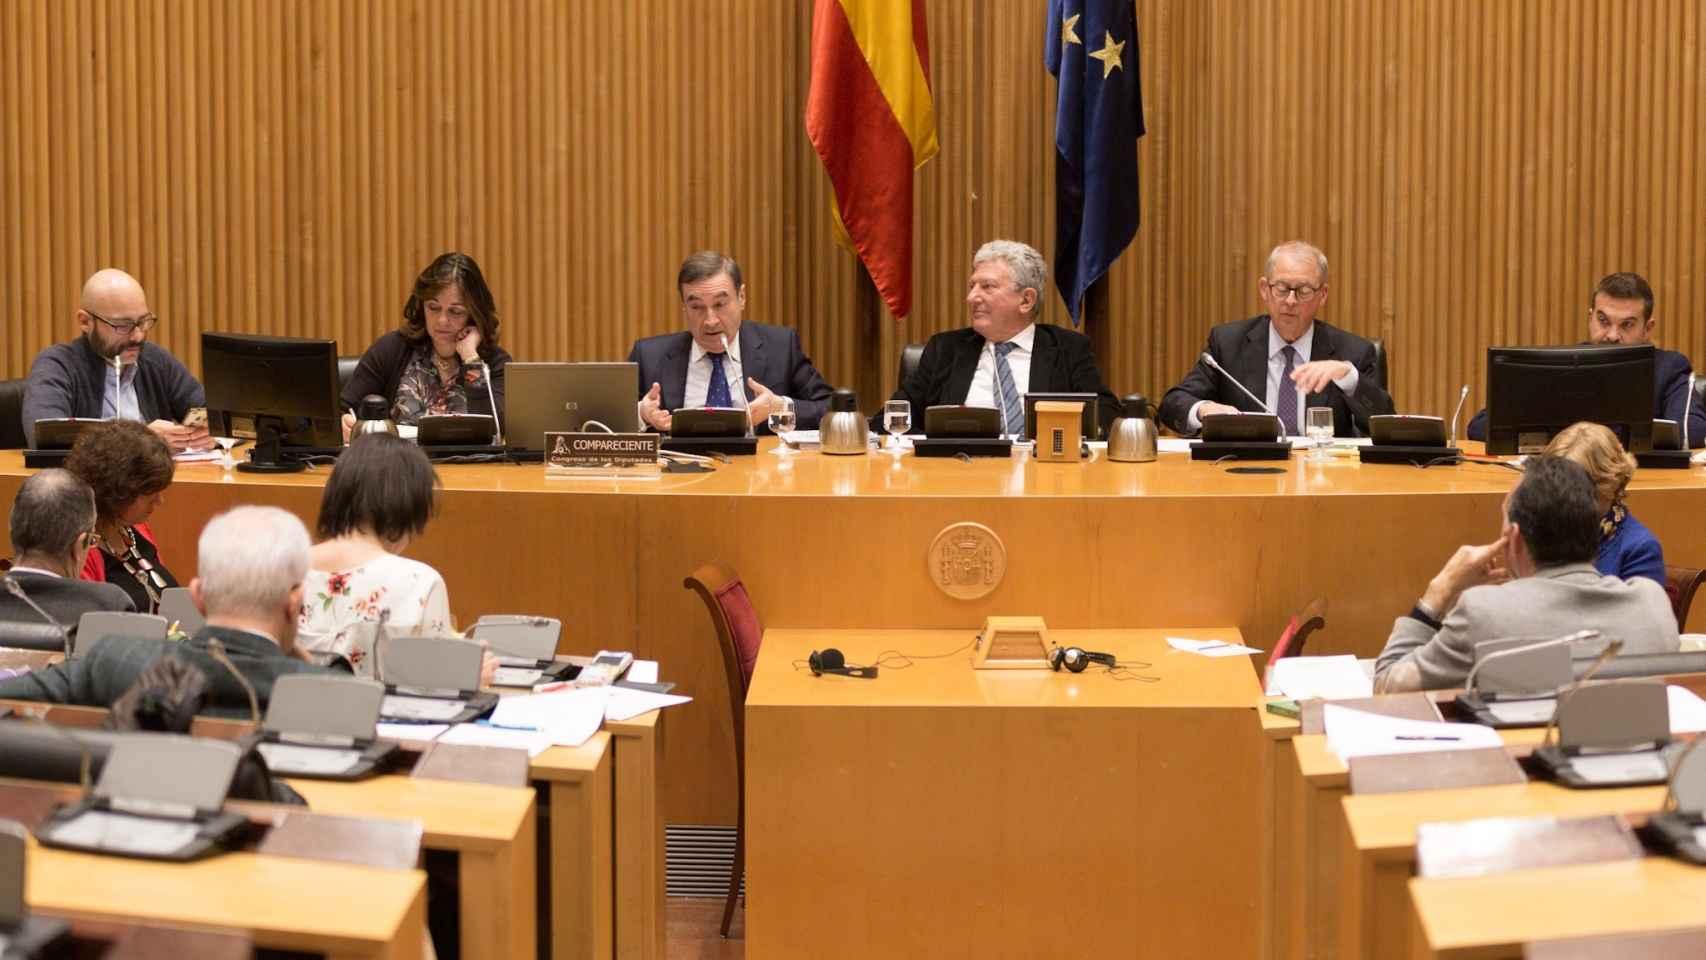 Fotogalería: la comparecencia de Pedro J. Ramírez en la Comisión Bárcenas, en imágenes